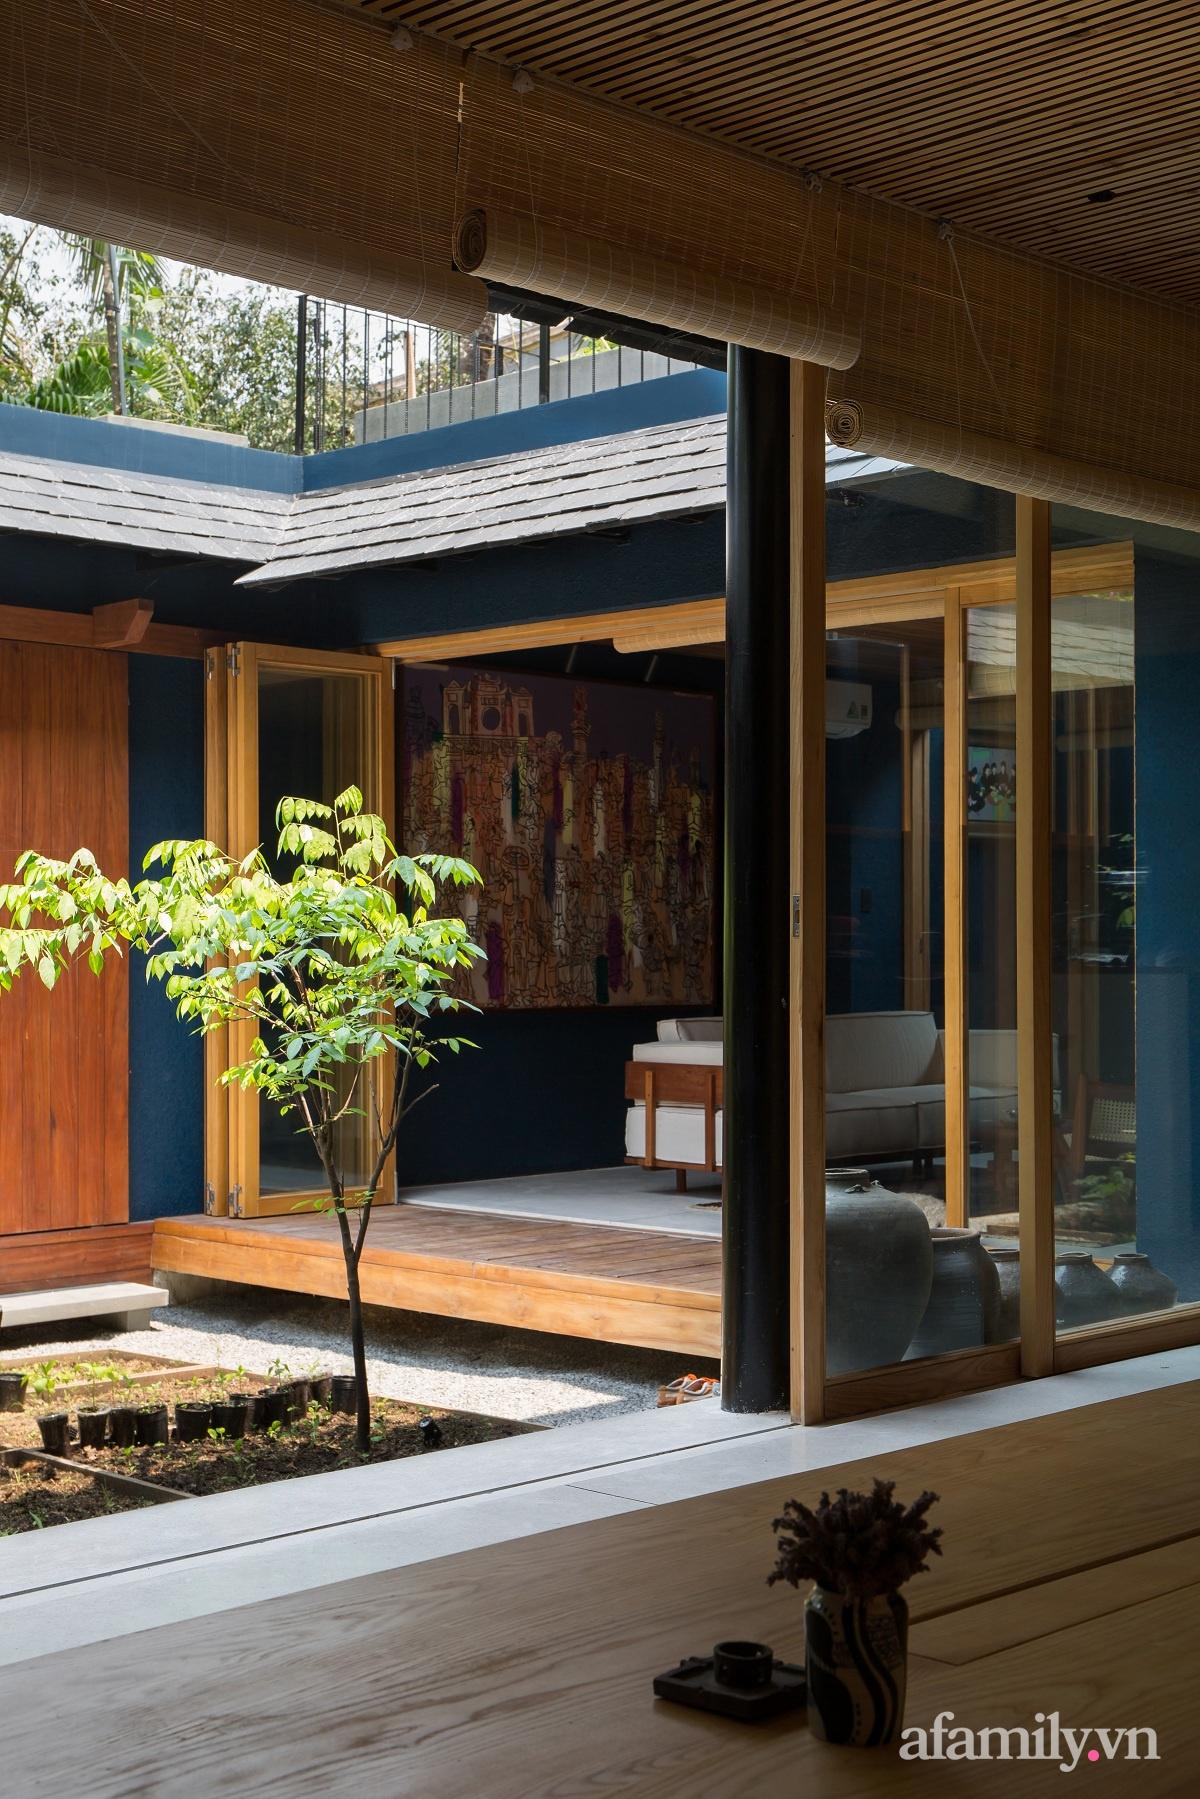 """Căn nhà """"cuộn"""" hình vỏ ốc độc đáo chan hòa với thiên nhiên ở Hội An - Ảnh 9."""